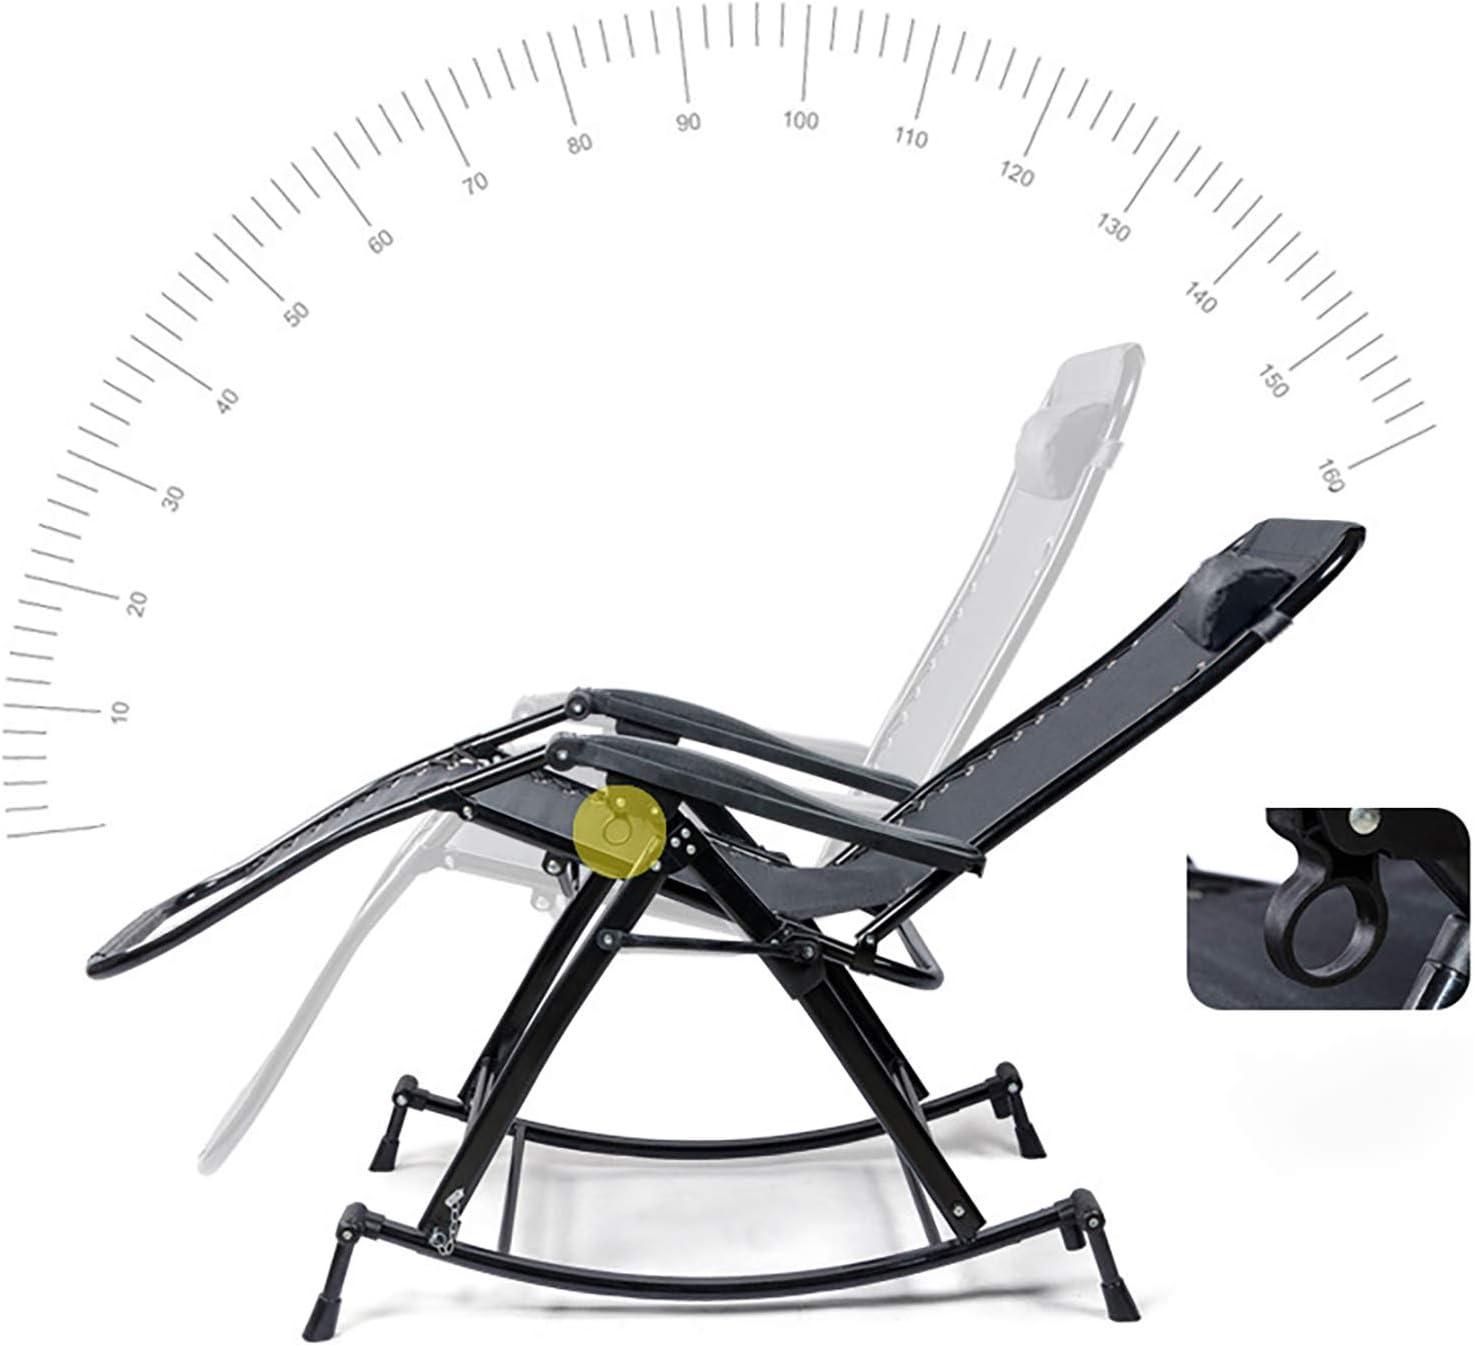 ATTDDP Pliable Chaise À Bascule Fauteuil À Bascule Fauteuil Lounge Chaise De Détente Chaise Inclinable pour Patio Ou Une Véranda,A B